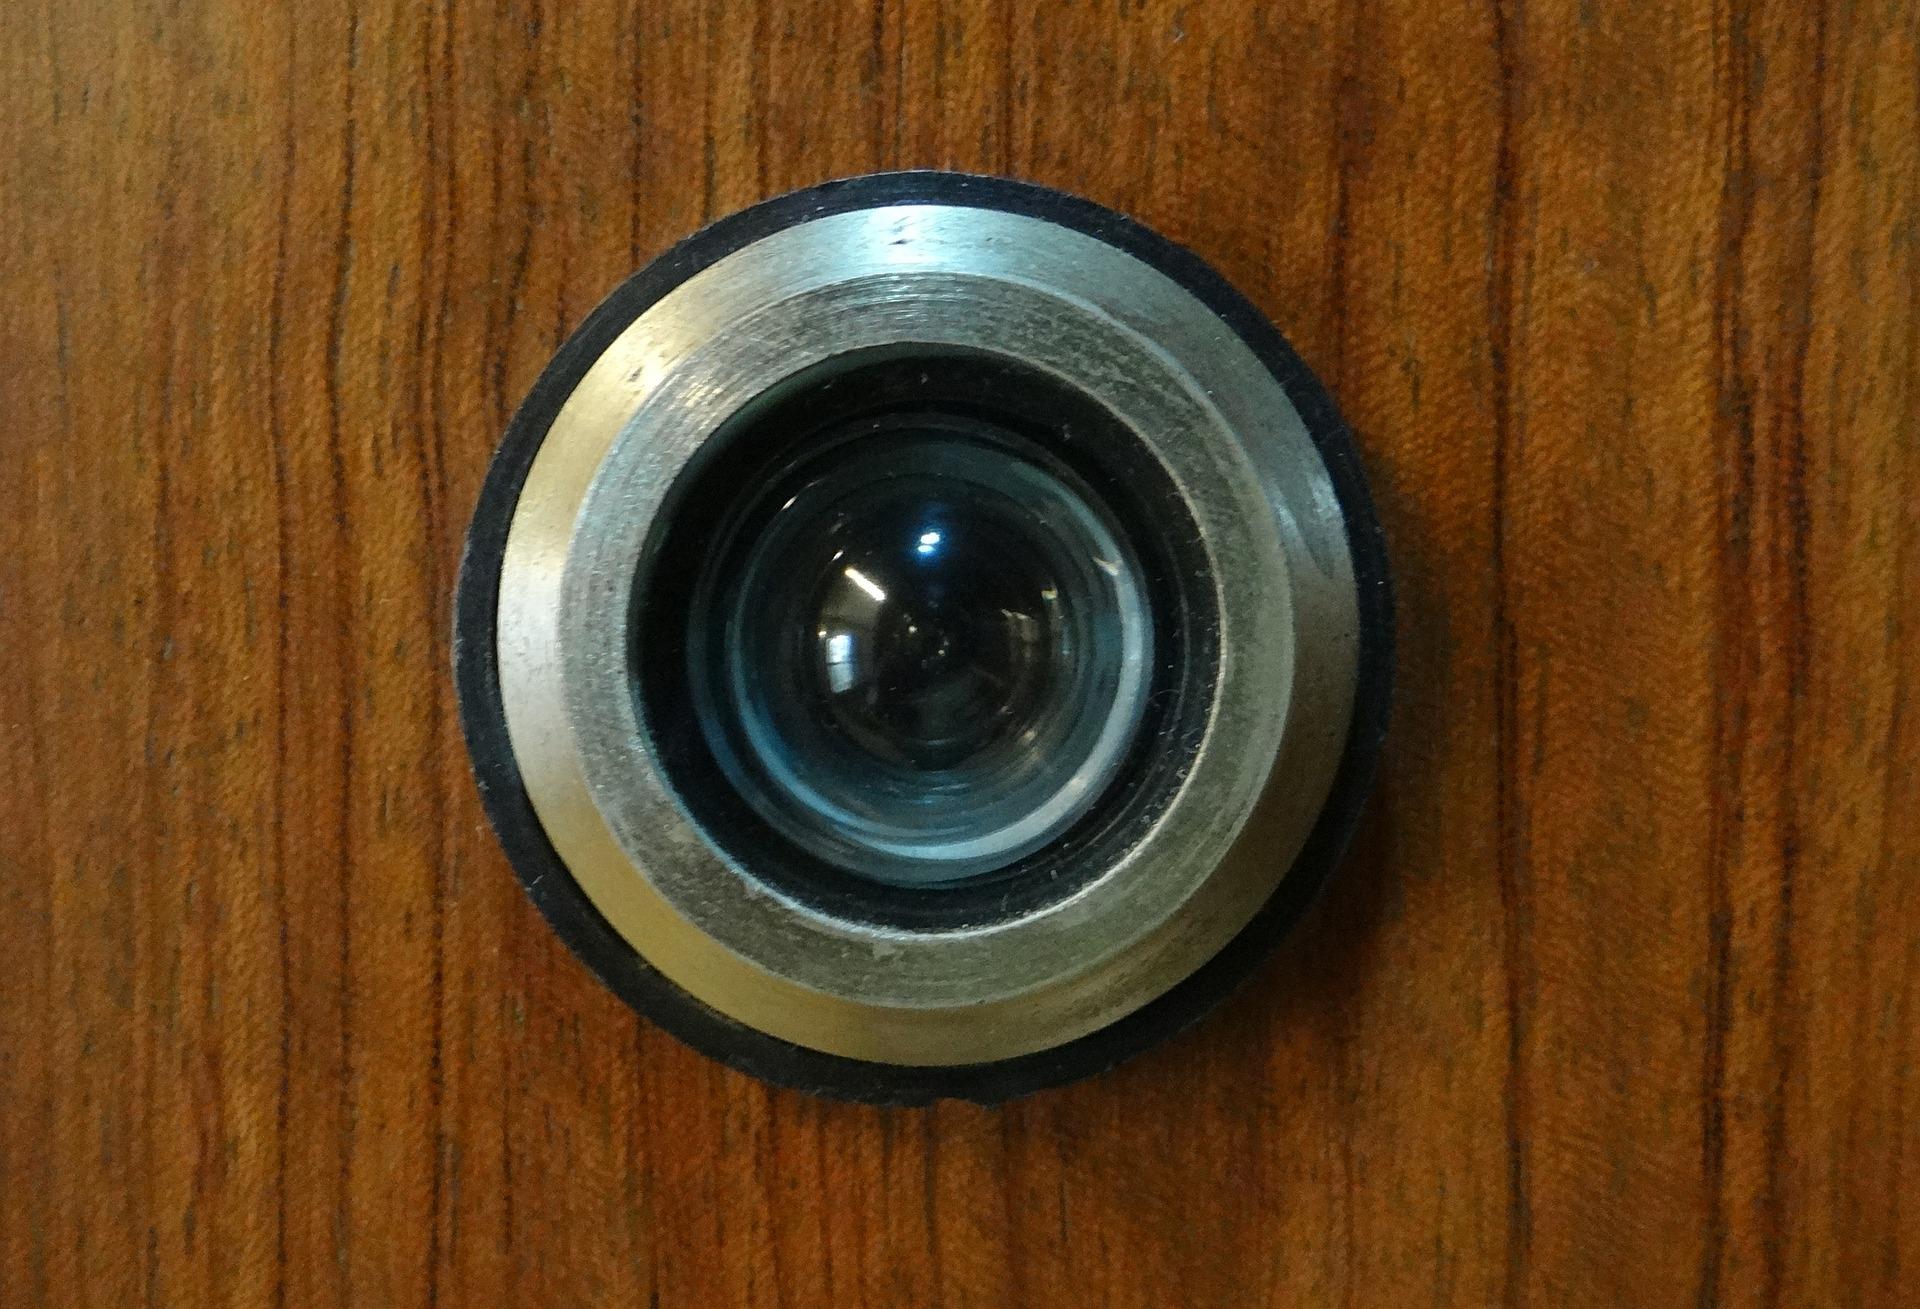 Olho mágico em uma porta de madeira